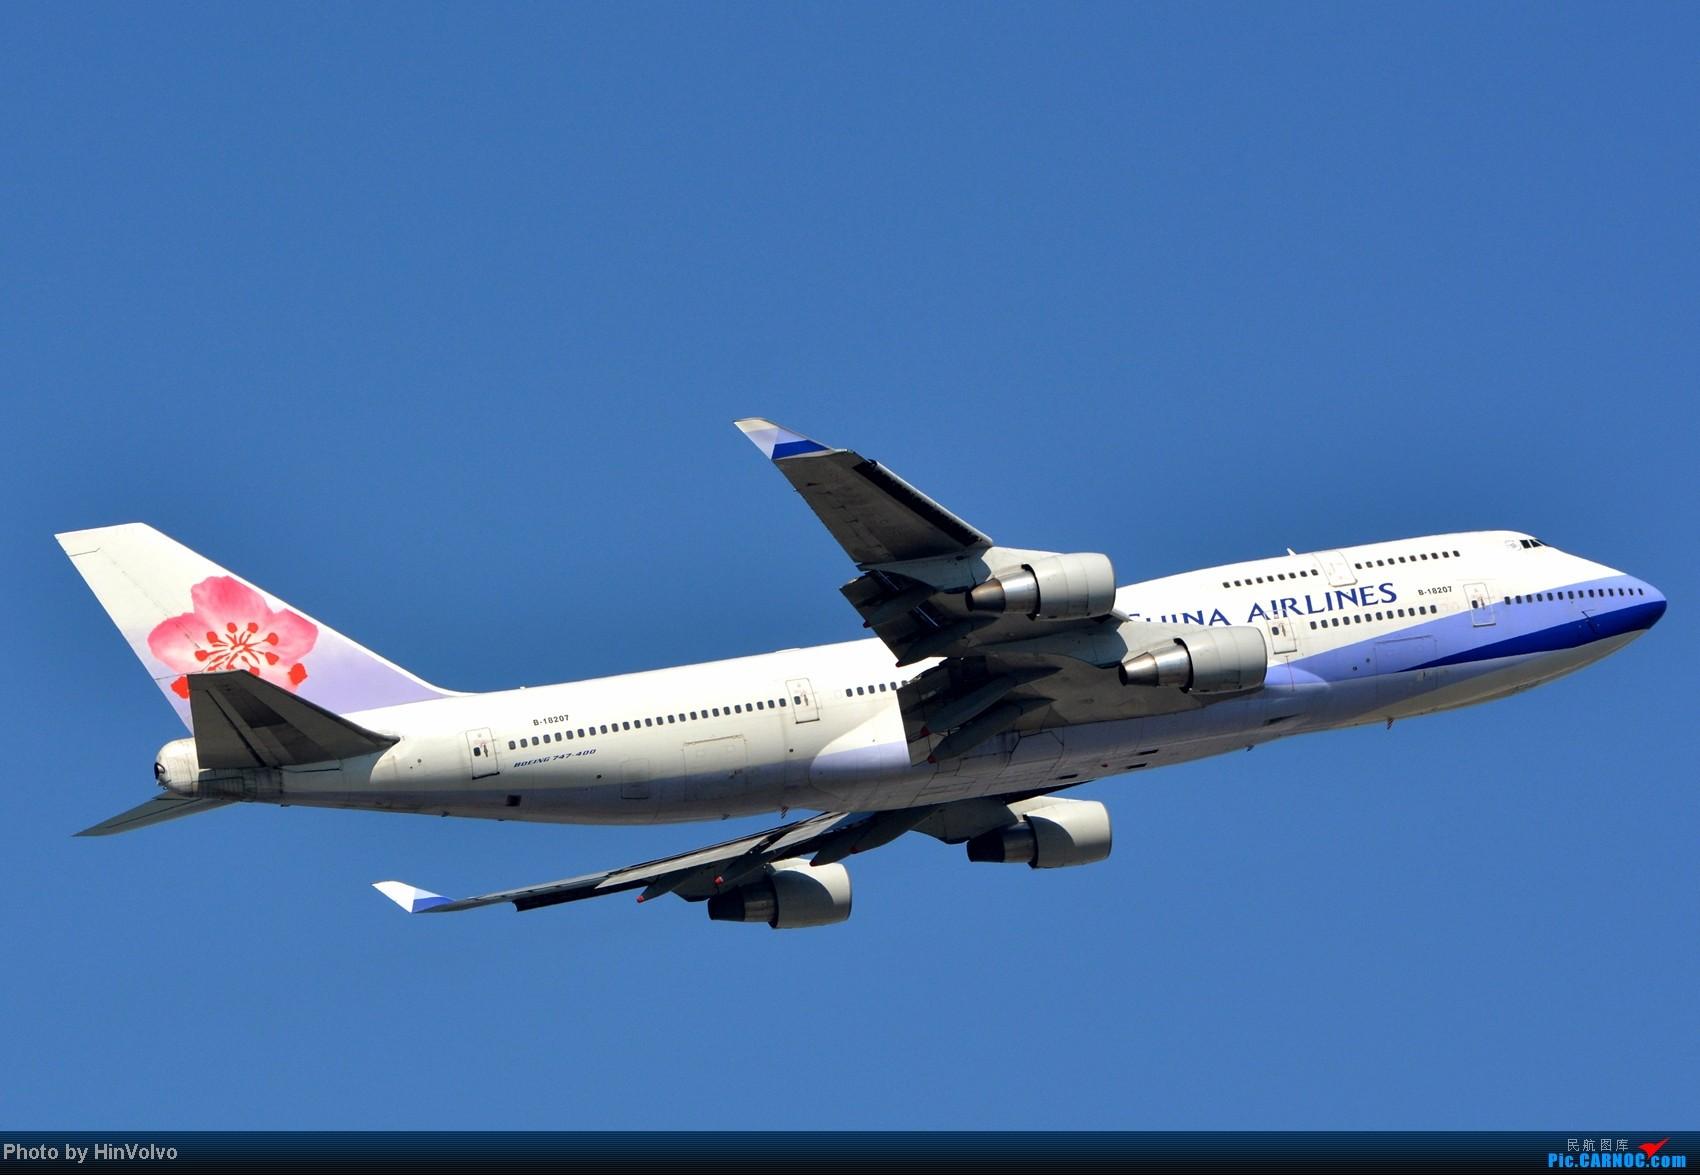 Re:[原创]~~~~多圖系列~~~HKG,早上好!寒冷的天氣出發前往機場拍到中午。 BOEING 747-400 B-18207 中国香港赤鱲角机场